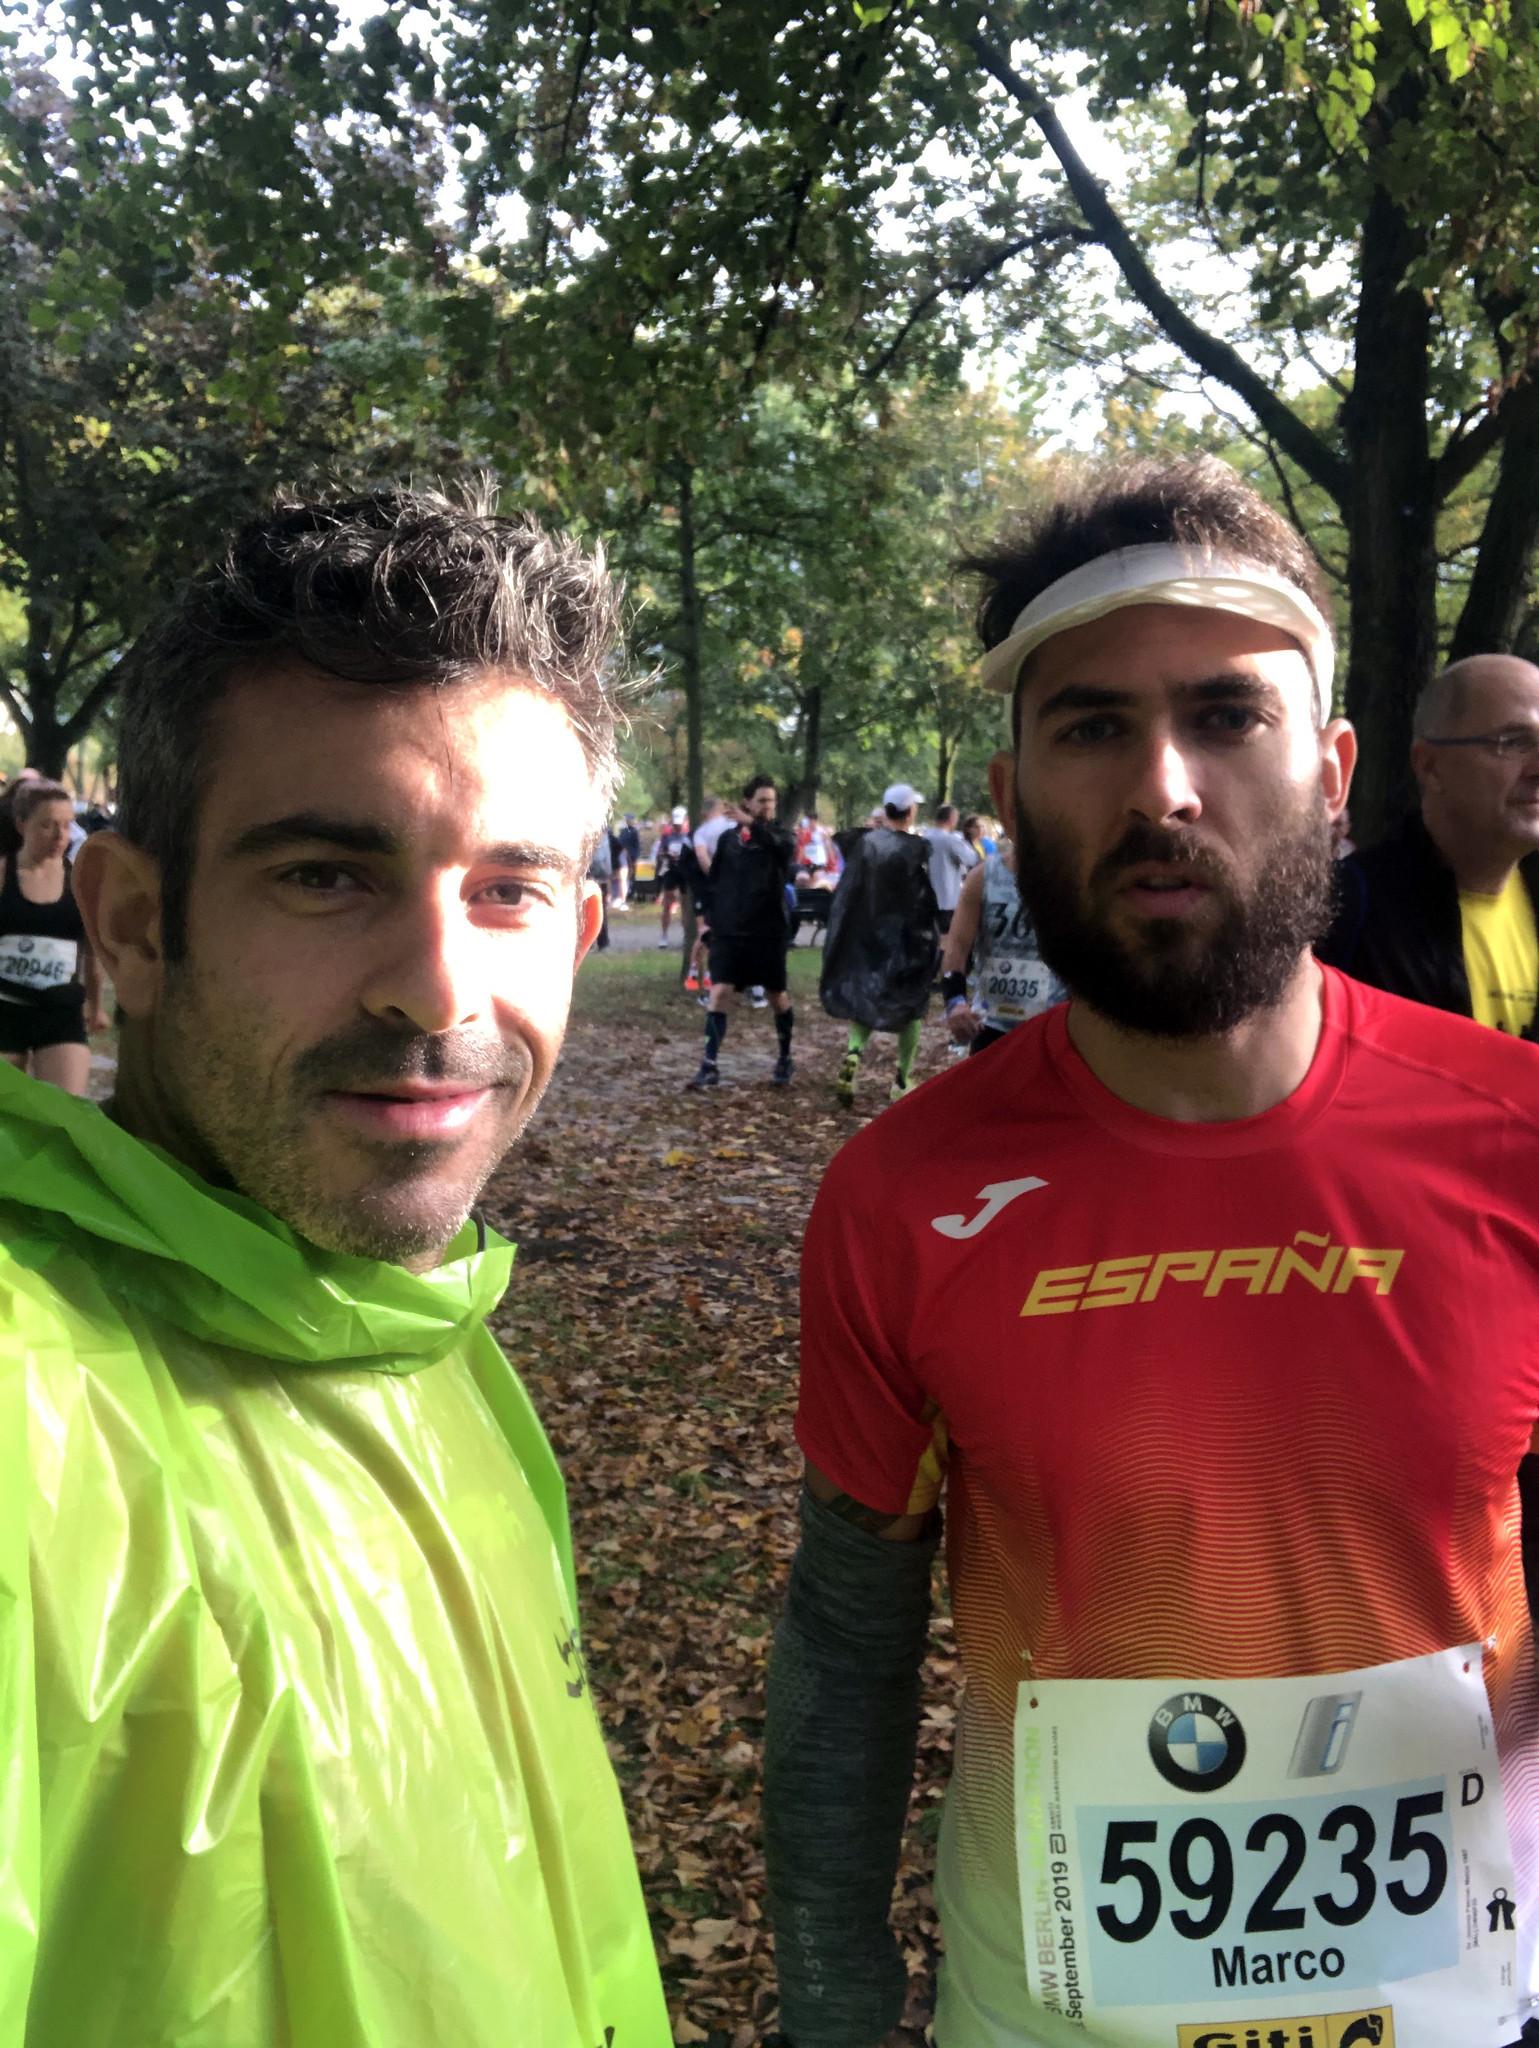 Correr el Maratón de Berlín - Berlin Marathon fotos photos - thewotme maratón de berlín - 49038566608 88c63f1297 k - Correr el Maratón de Berlín: Análisis, recorrido, entrenamiento e inscripciones